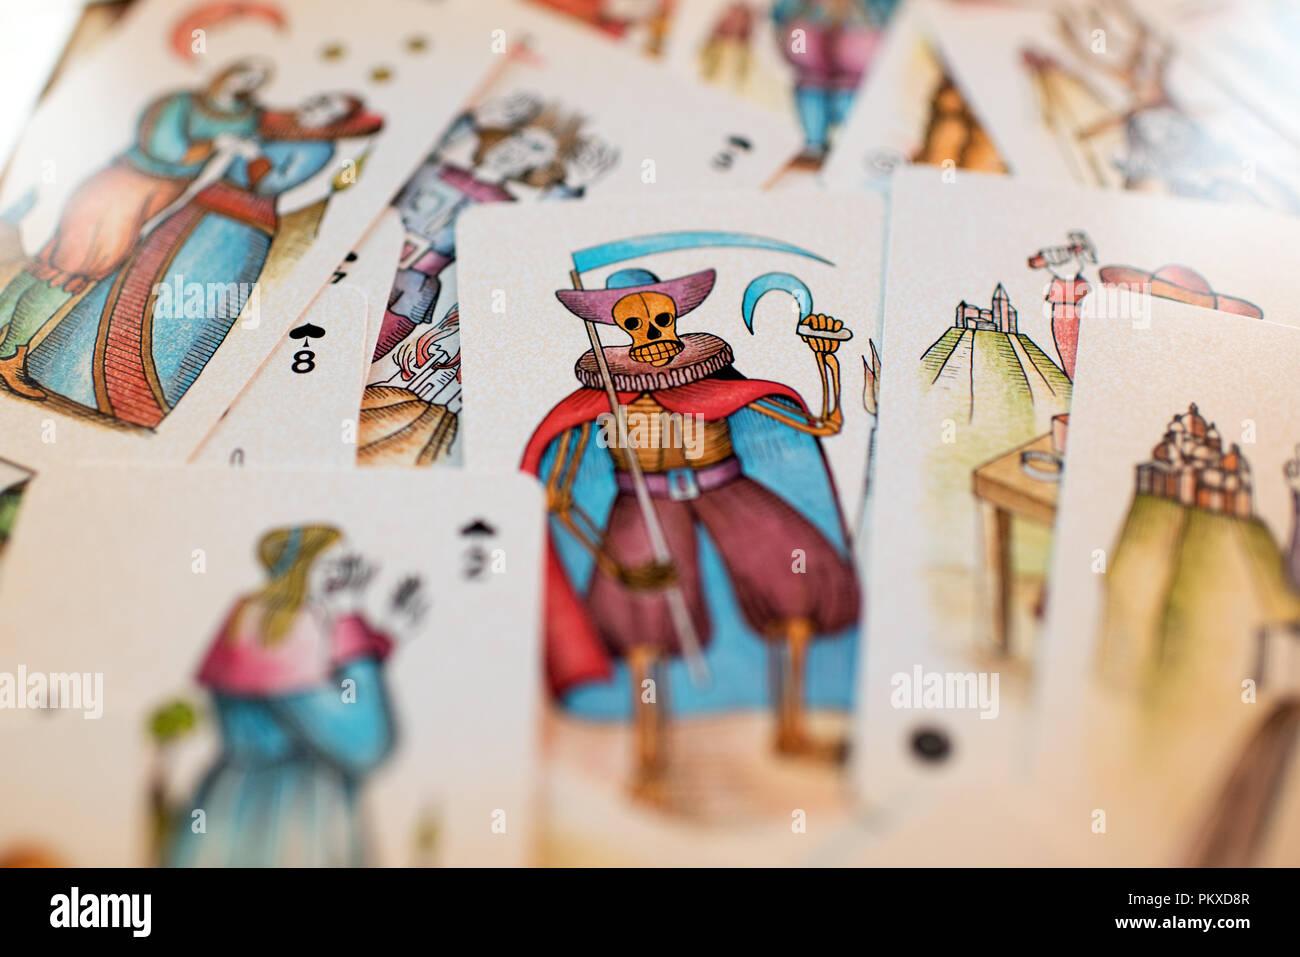 Sfondo di sparse le carte dei tarocchi con focus alla scheda pittorica del Grim Reaper simbolica della morte nel centro di una piena vista del telaio Immagini Stock